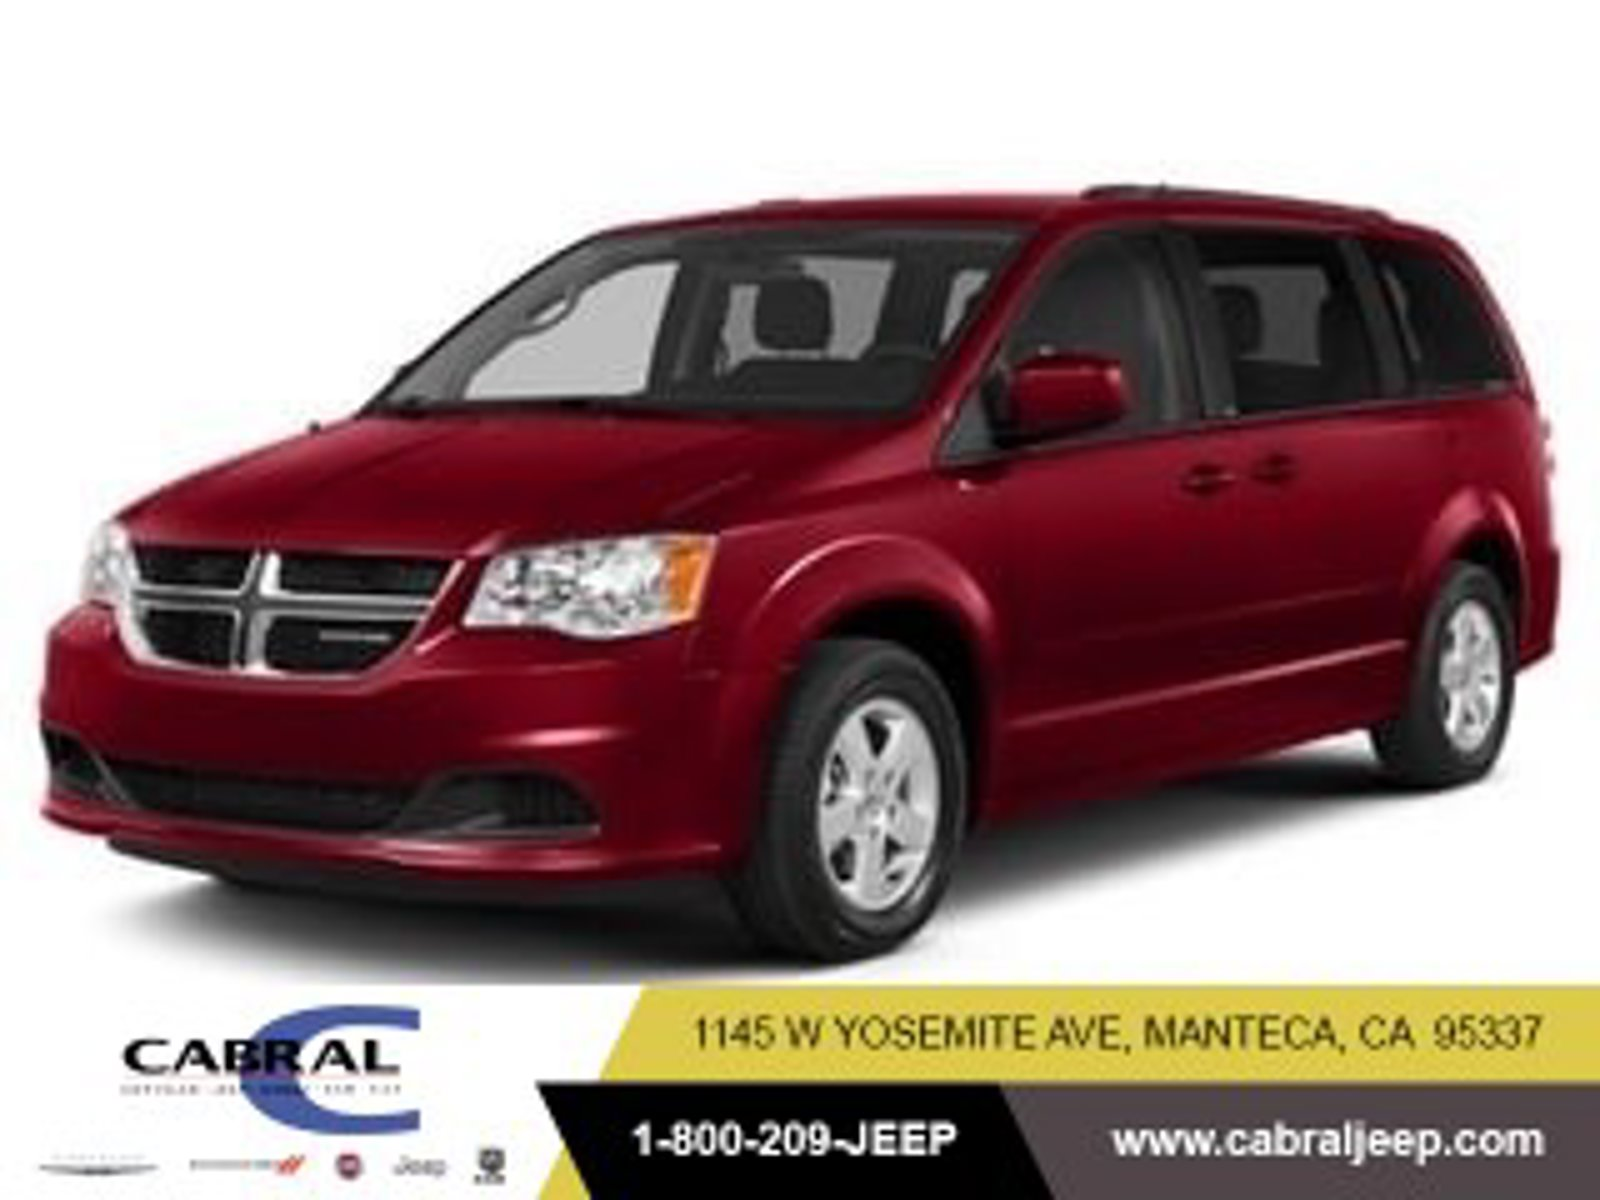 2013 Dodge Grand Caravan SE 4dr Wgn SE Gas/Ethanol V6 3.6L/220 [0]